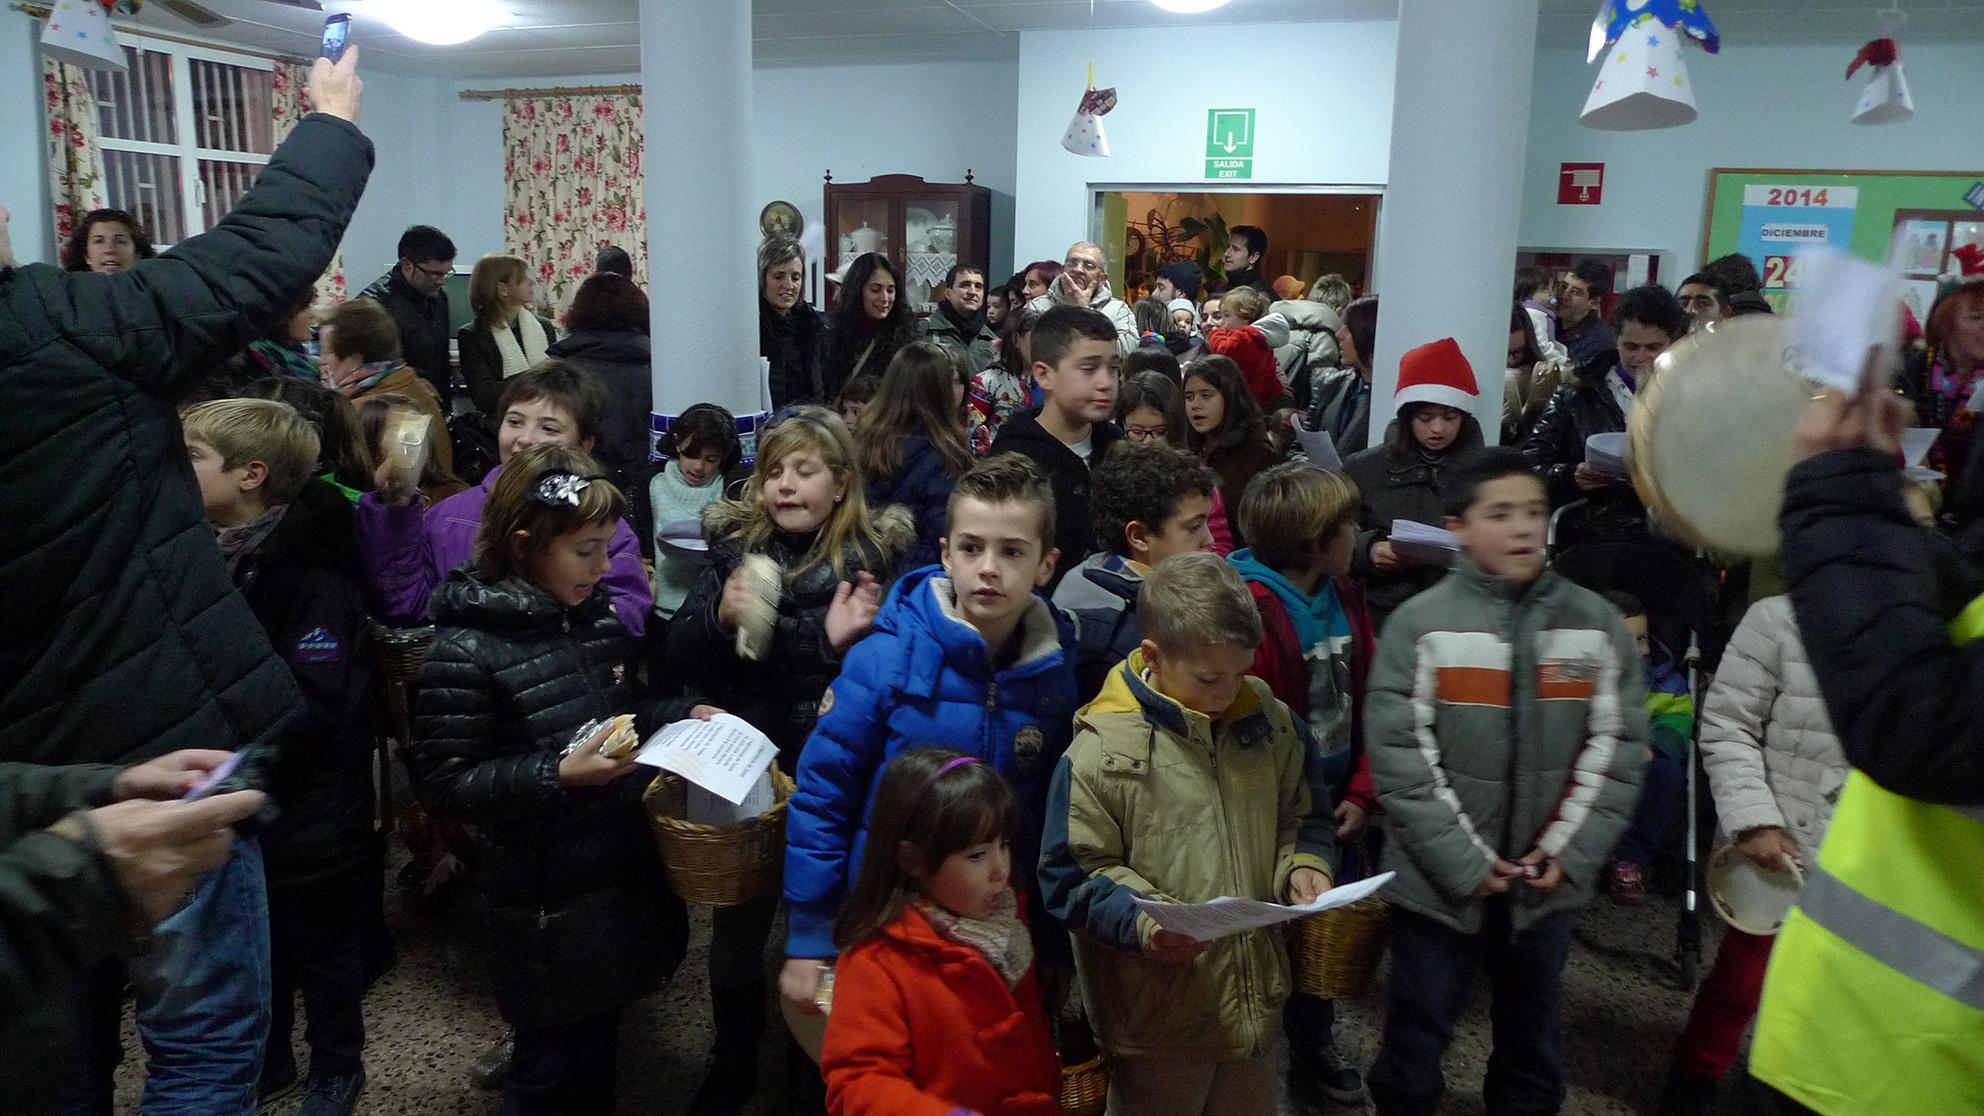 2014-12-24 Menuts de Baladre -AsguilandoMuro (21)